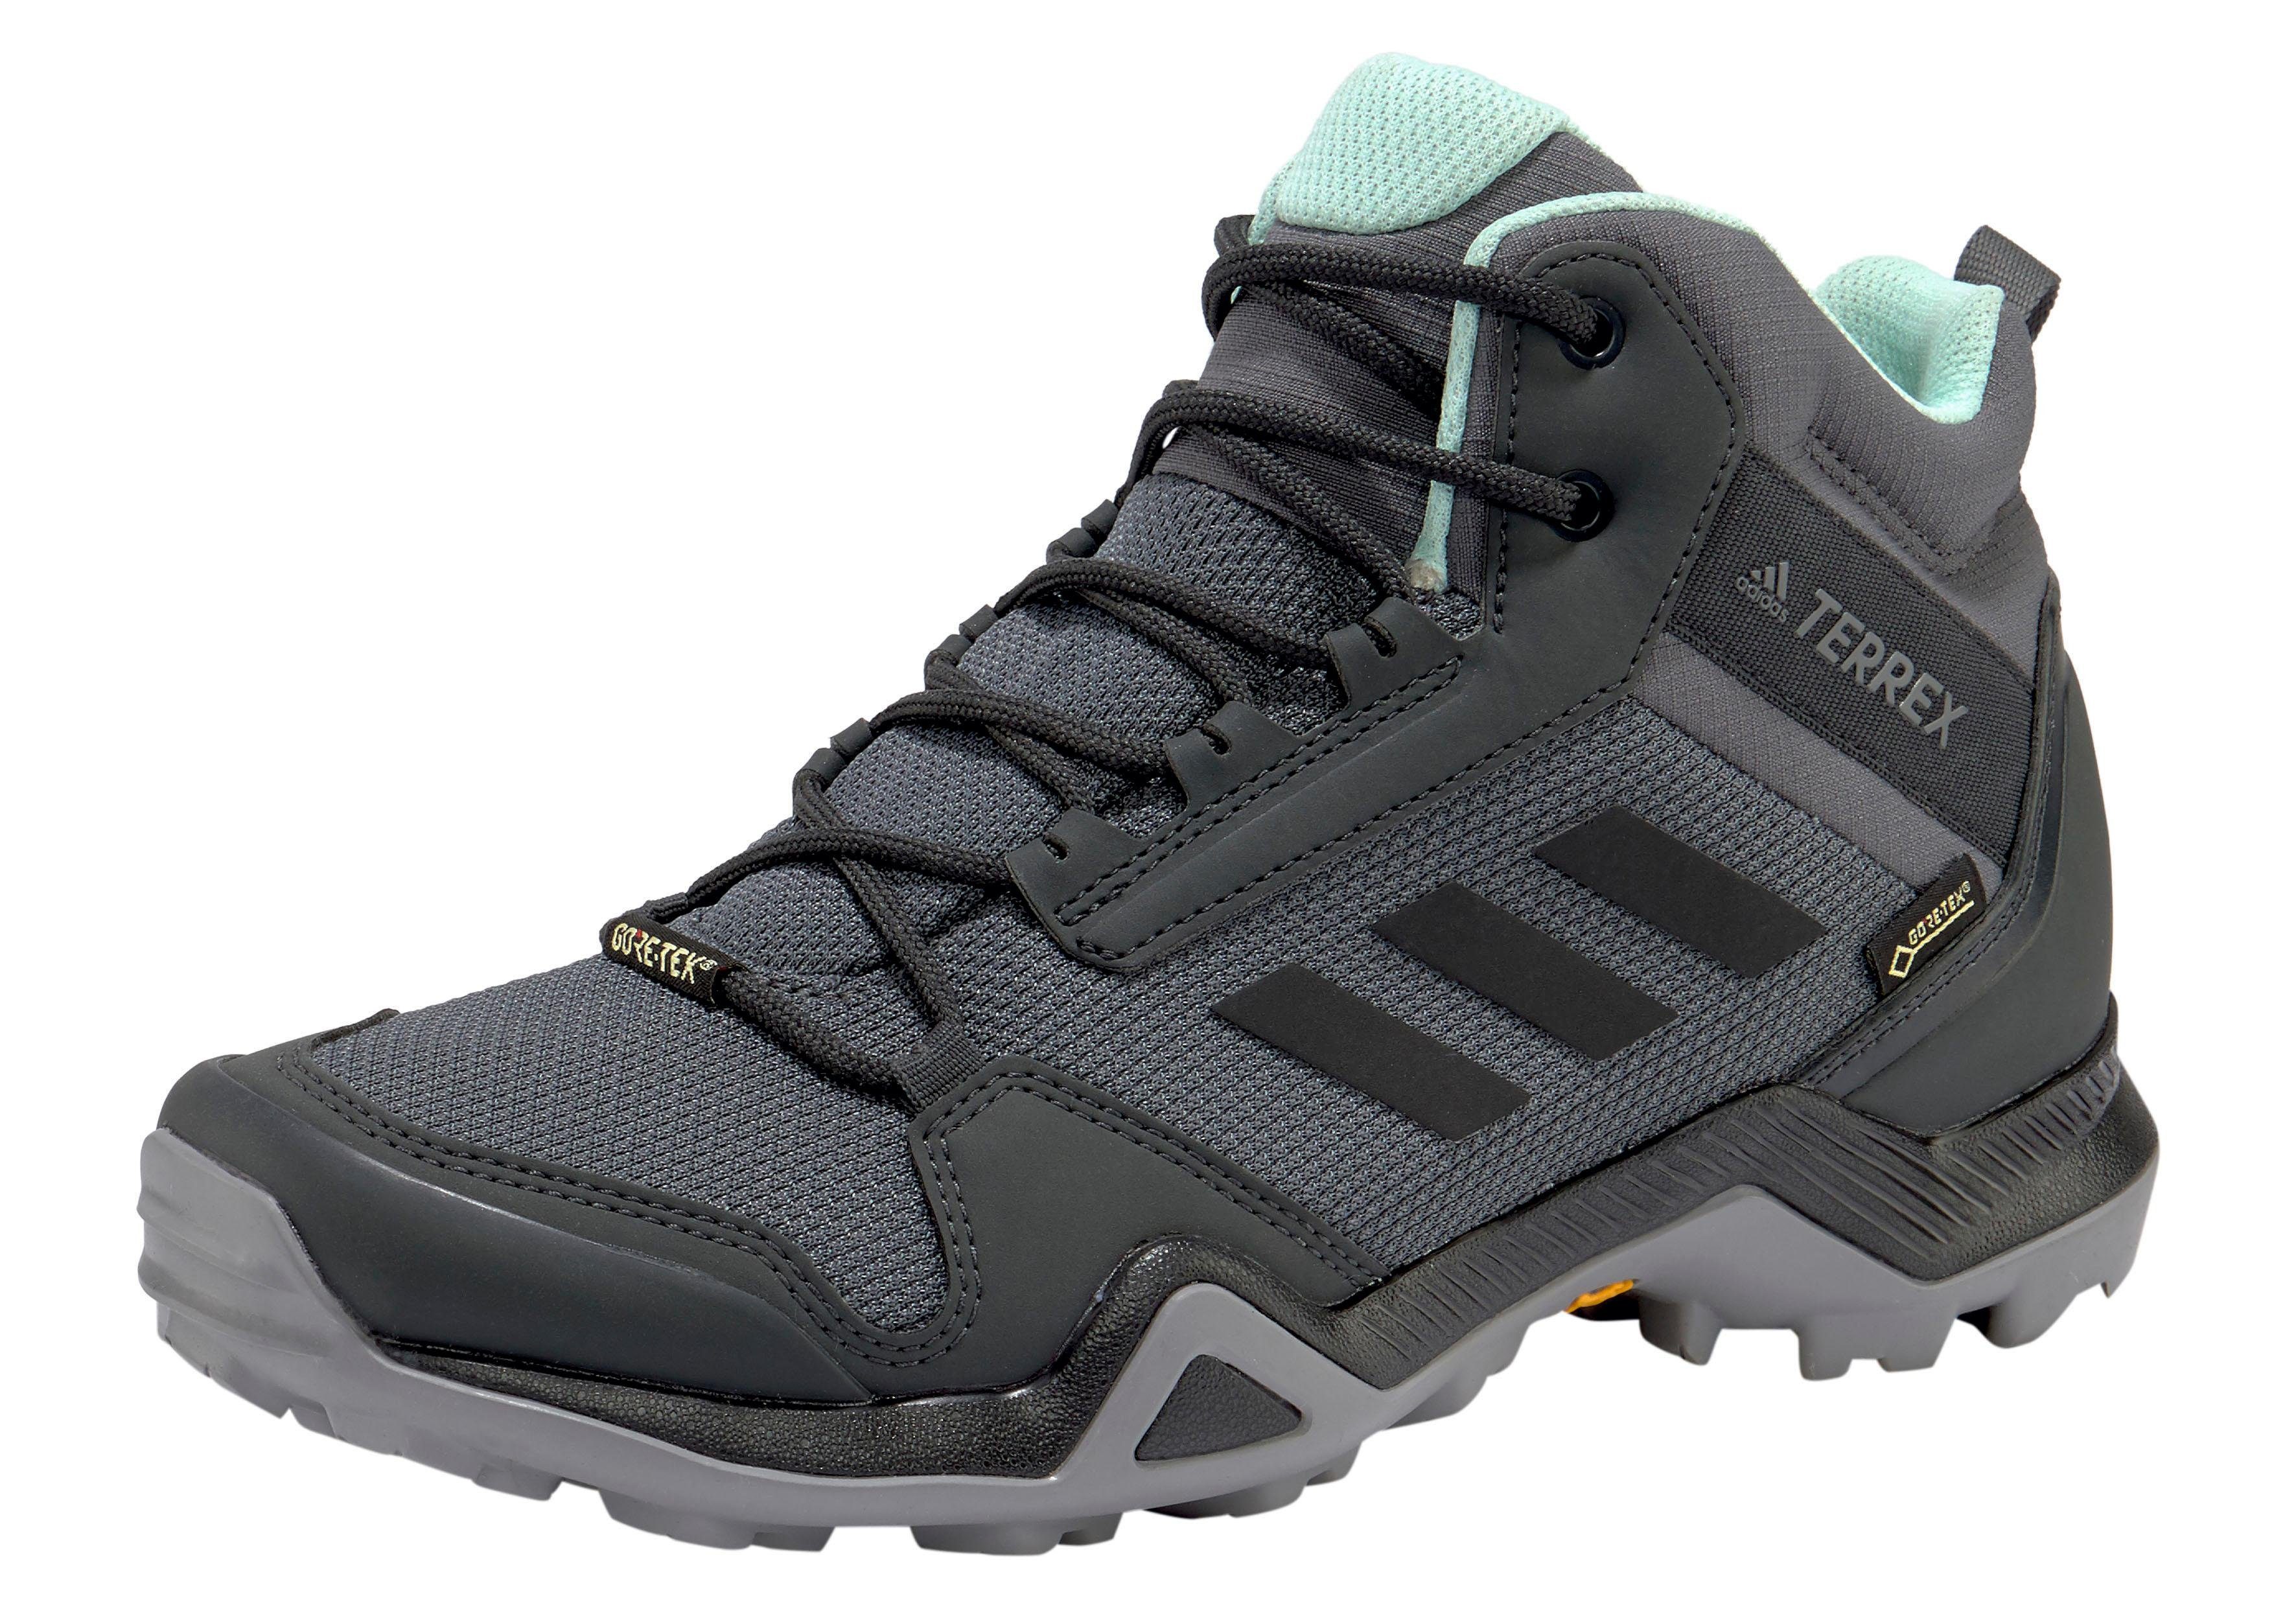 adidas Performance »Terrex AX3 Mid Goretex« Outdoorschuh Wasserdicht, Funktionaler Outdoorschuh von adidas online kaufen | OTTO